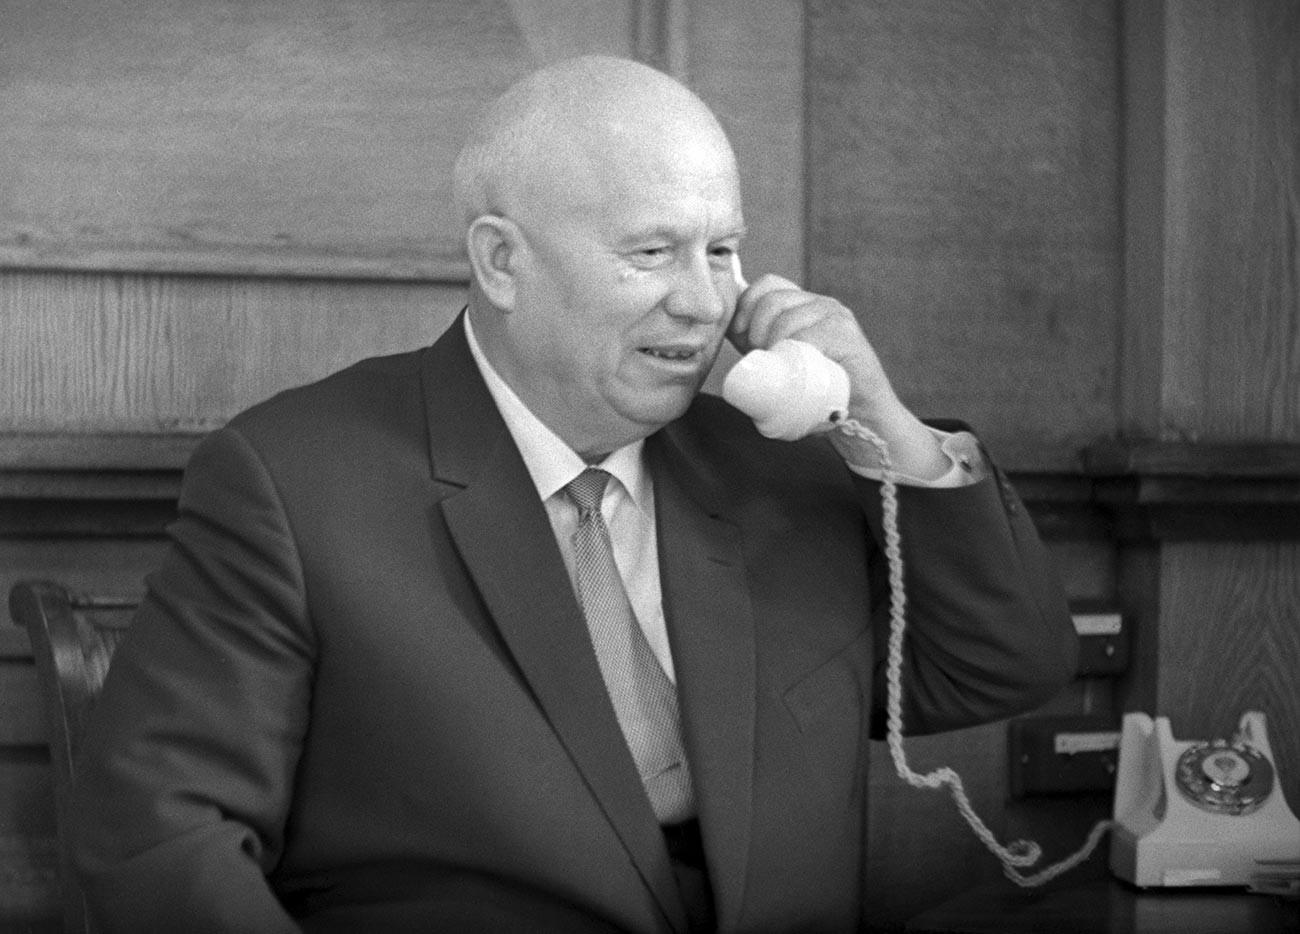 Москва, Кремљ. Први секретар ЦК КПСС Никита Хрушчов у свом радном кабинету.